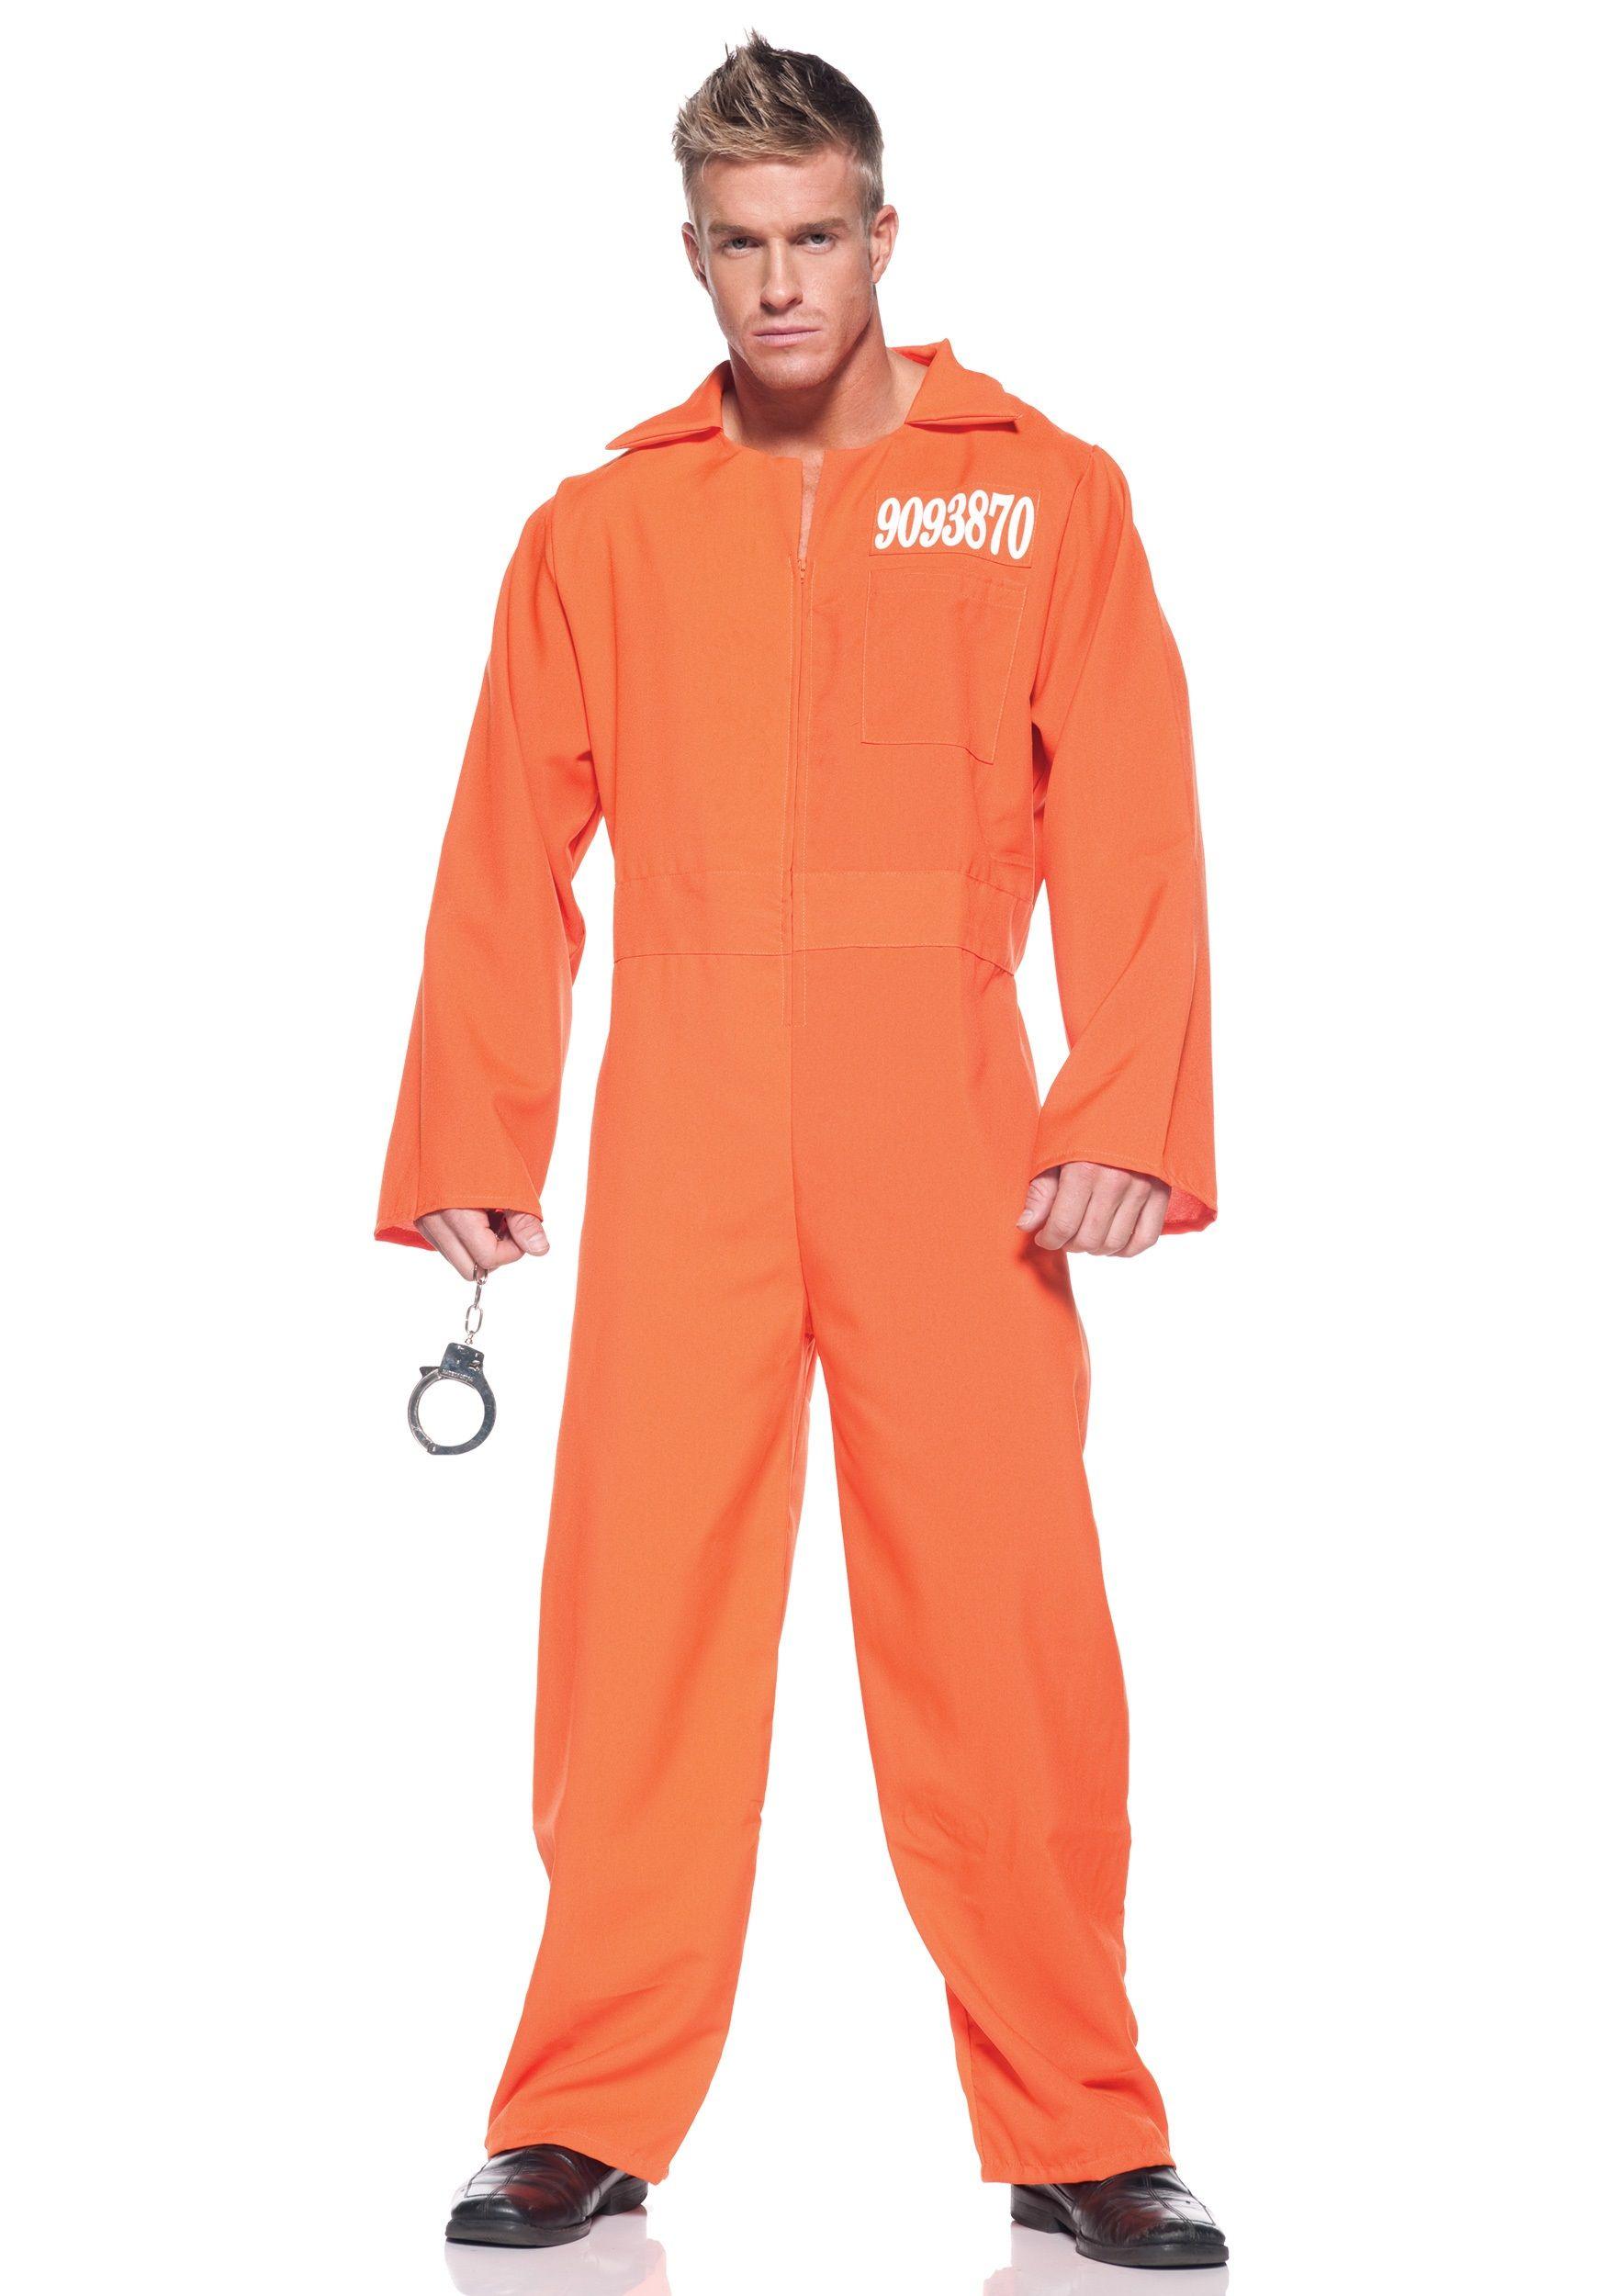 a8a7b6d5312e man modeling prison suit